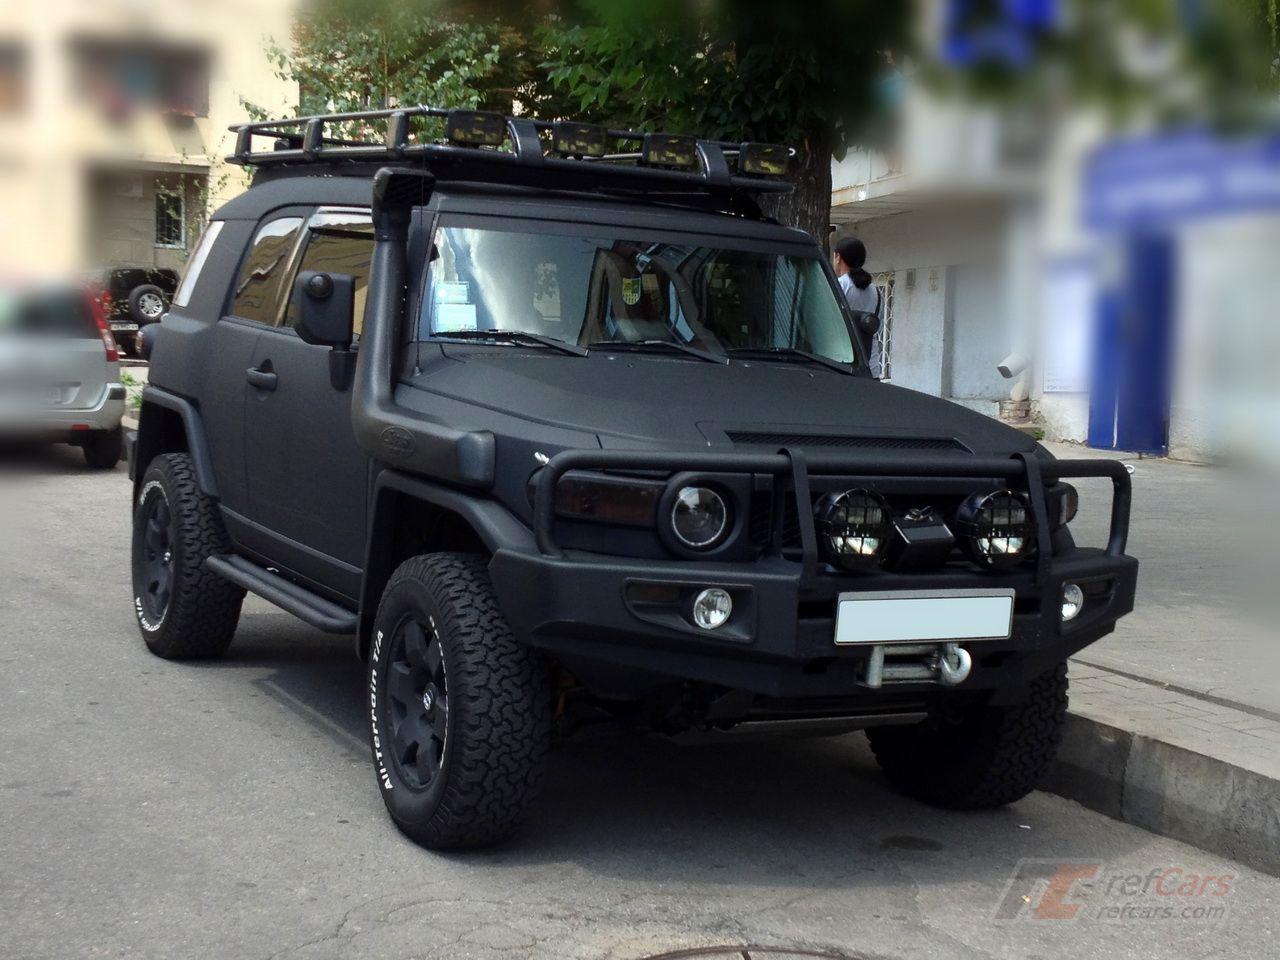 2014 toyota fj cruiser black. matteblack toyota fj cruiser love the black matte 2014 fj s